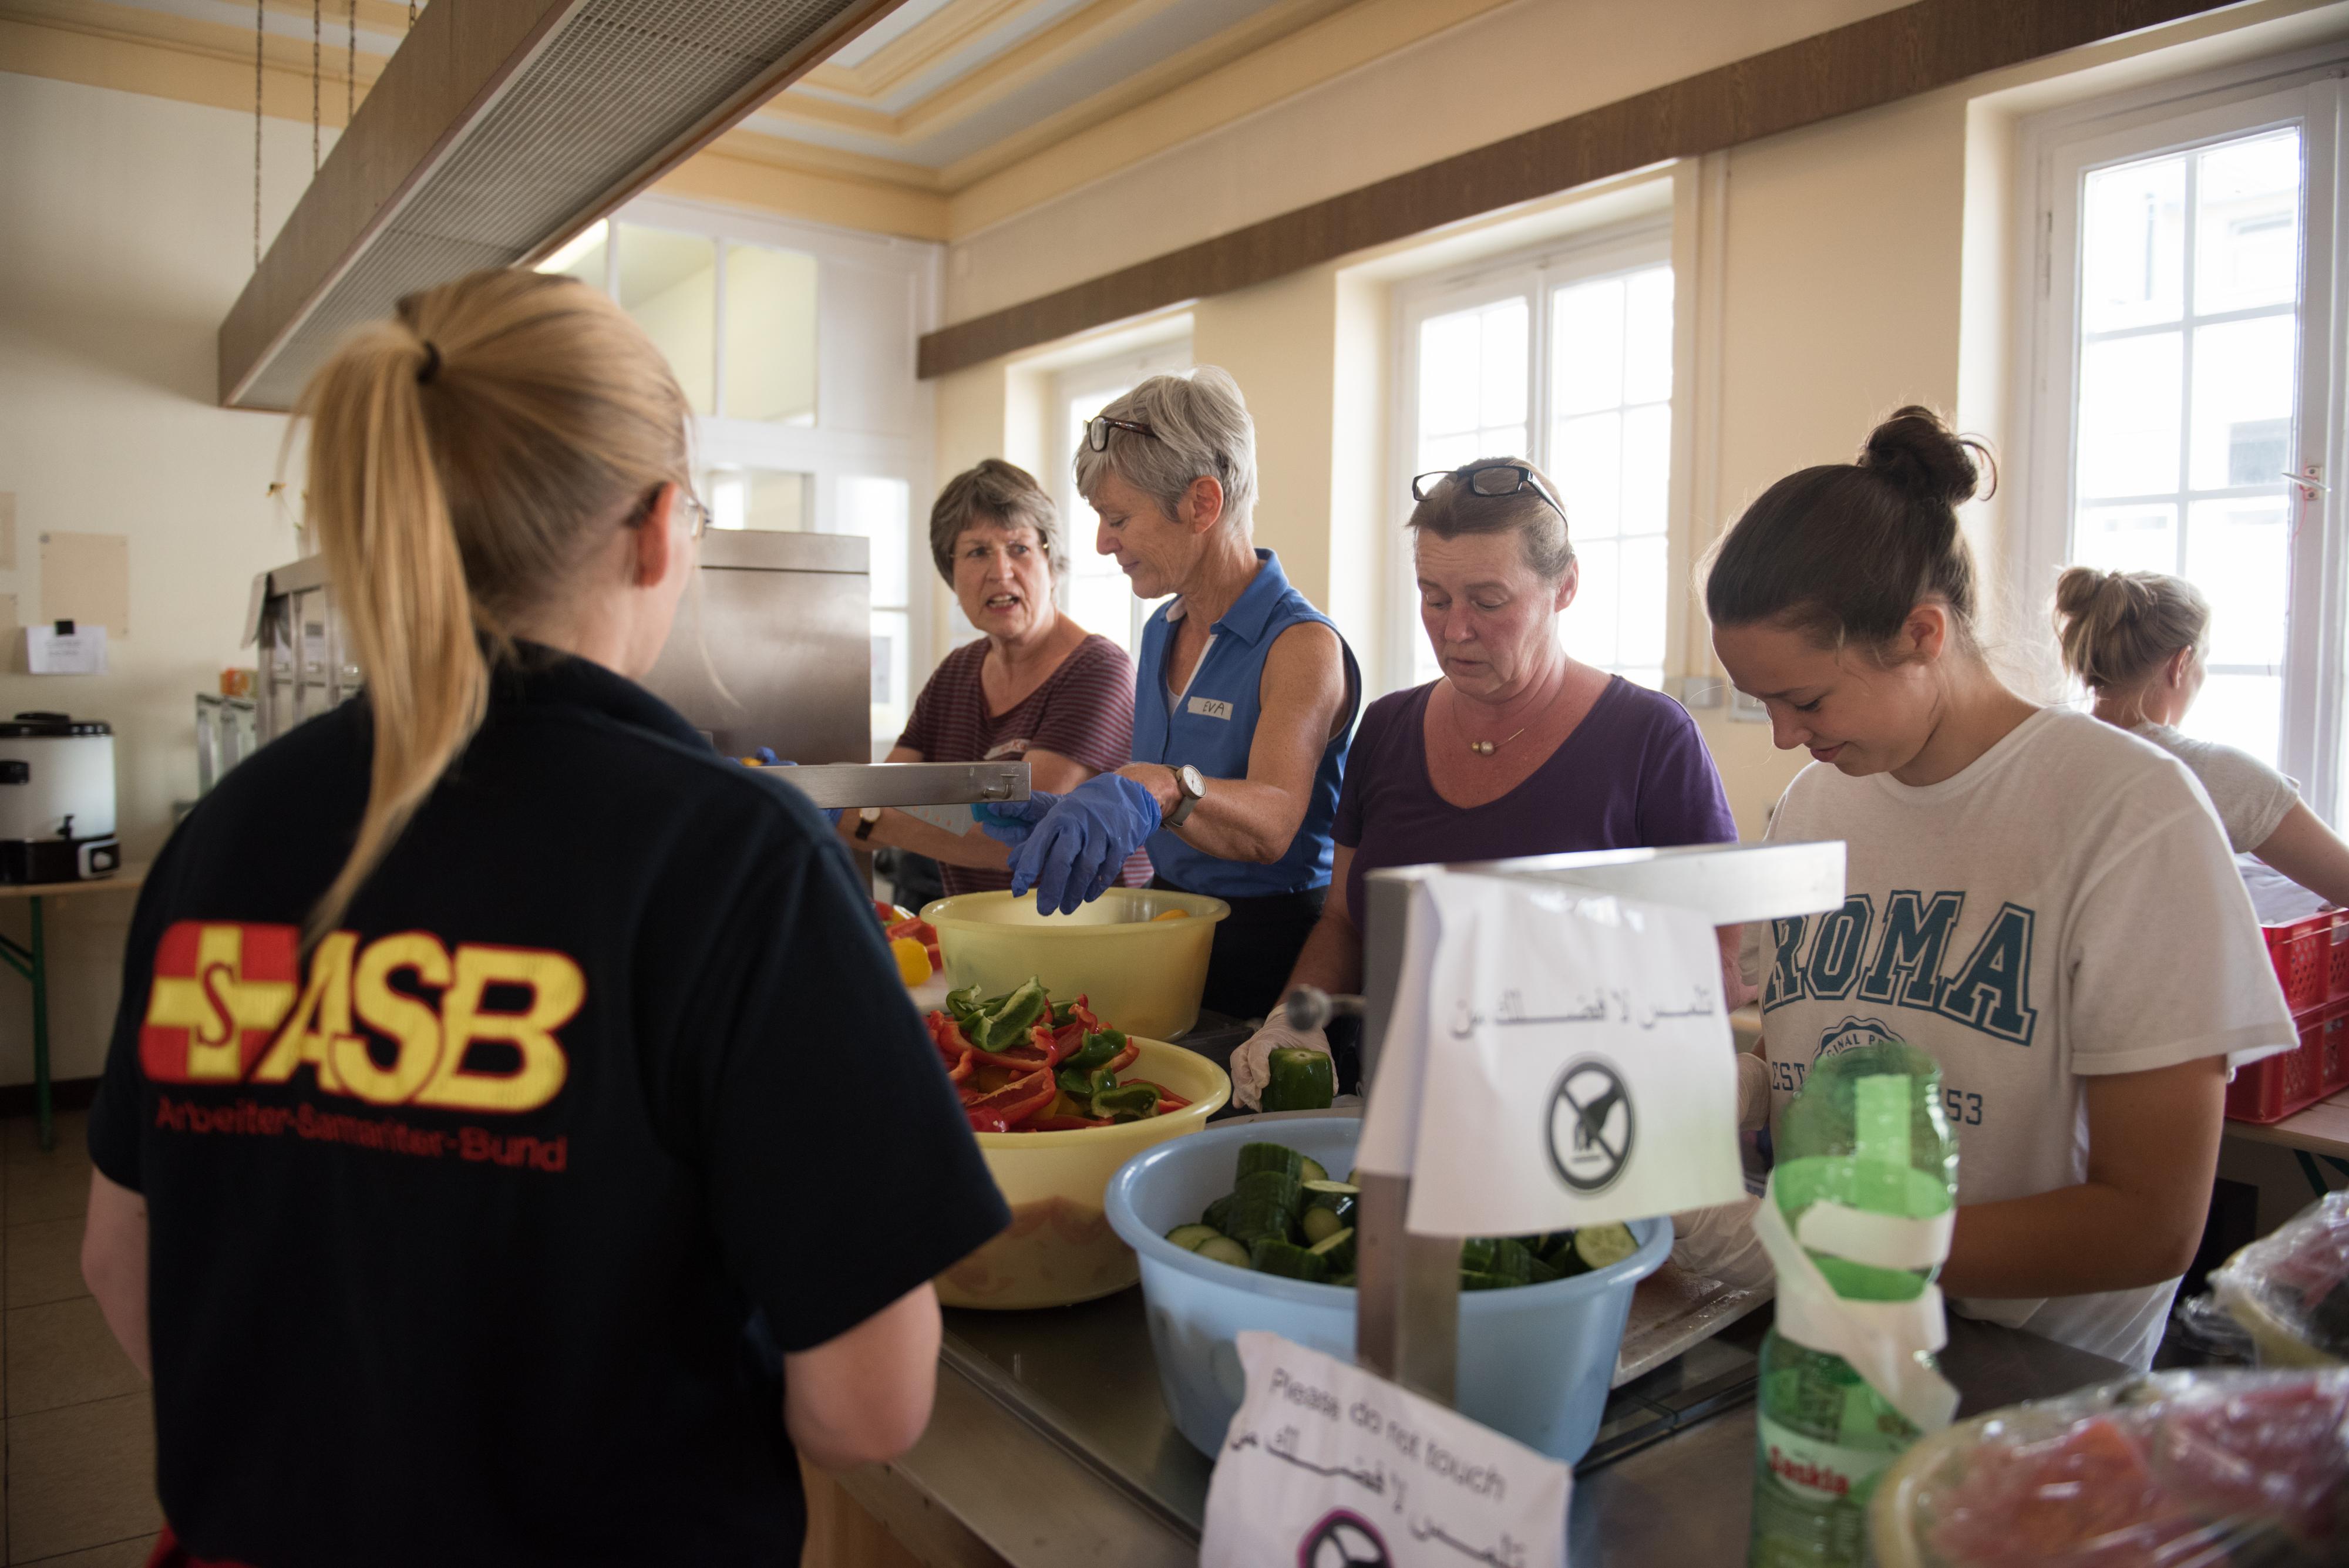 ASB-Notunterkunft in Berlin-Wilmersdorf